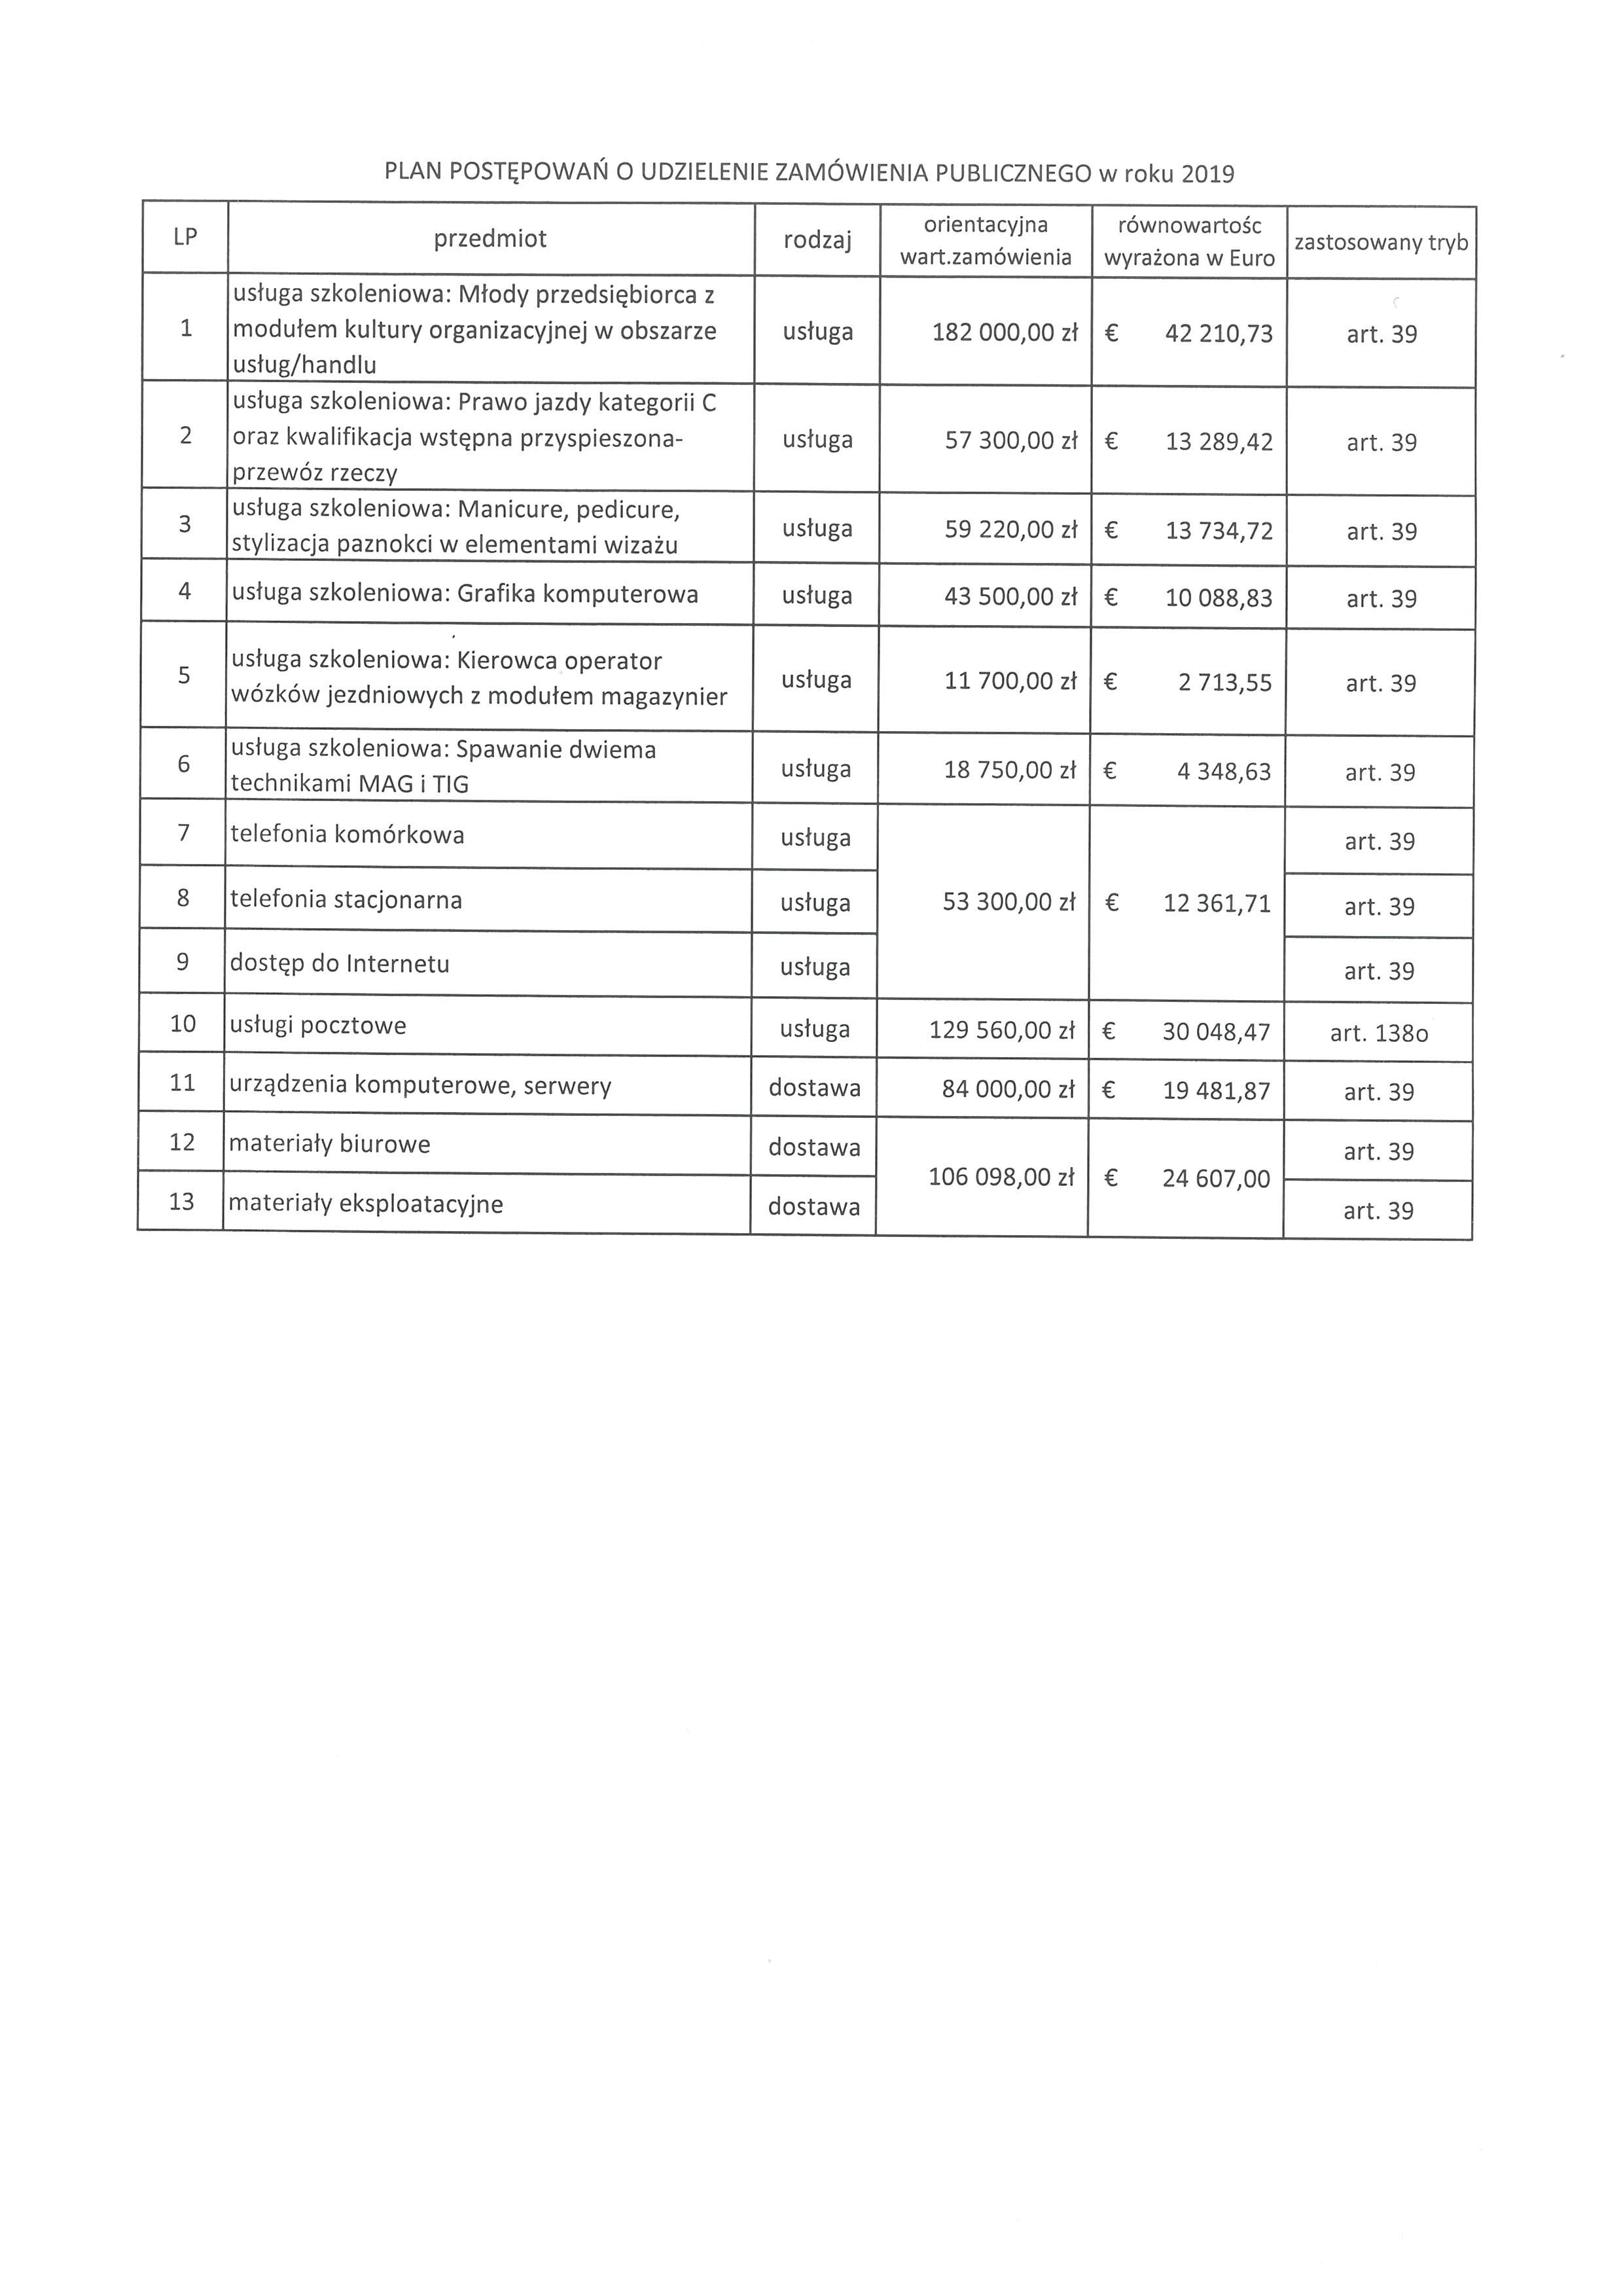 plan posępowań o udzielenie zamówienia publicznego w roku 2019